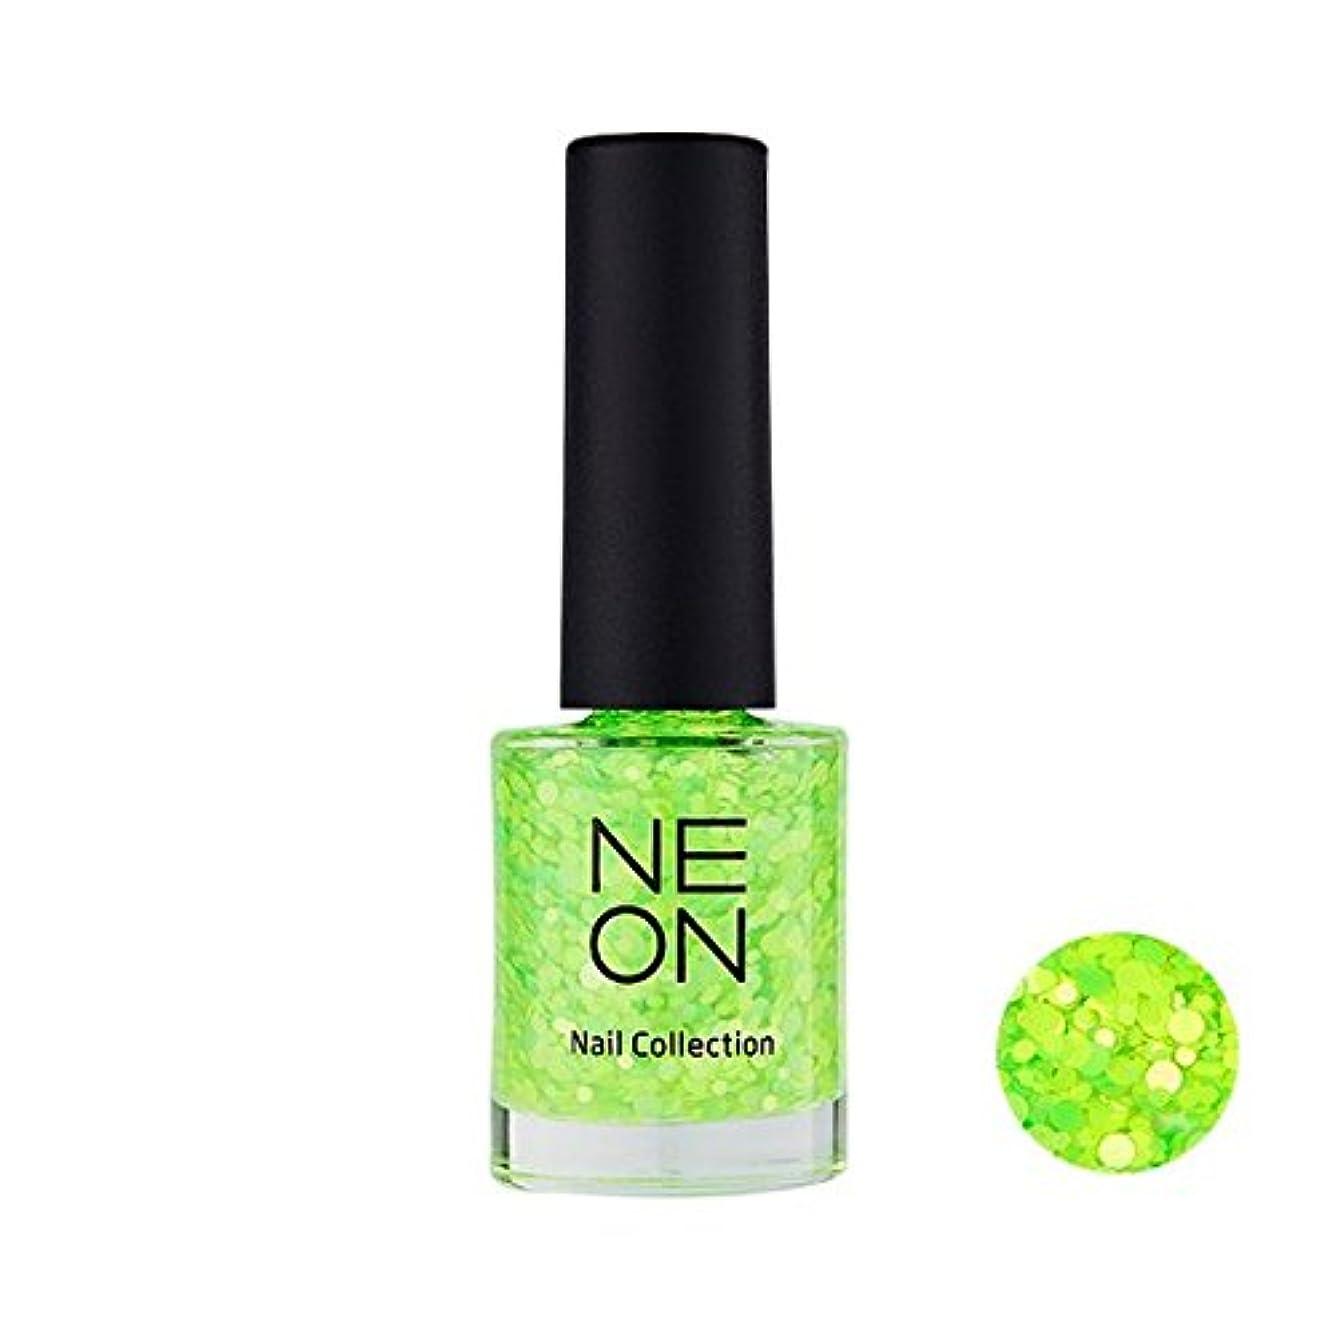 女性句管理しますIt'S SKIN Neon nail collection [04 Neon Glitter green] イッツスキン ネオンネイルコレクション [04 ネオン グリッター グリーン] [並行輸入品]